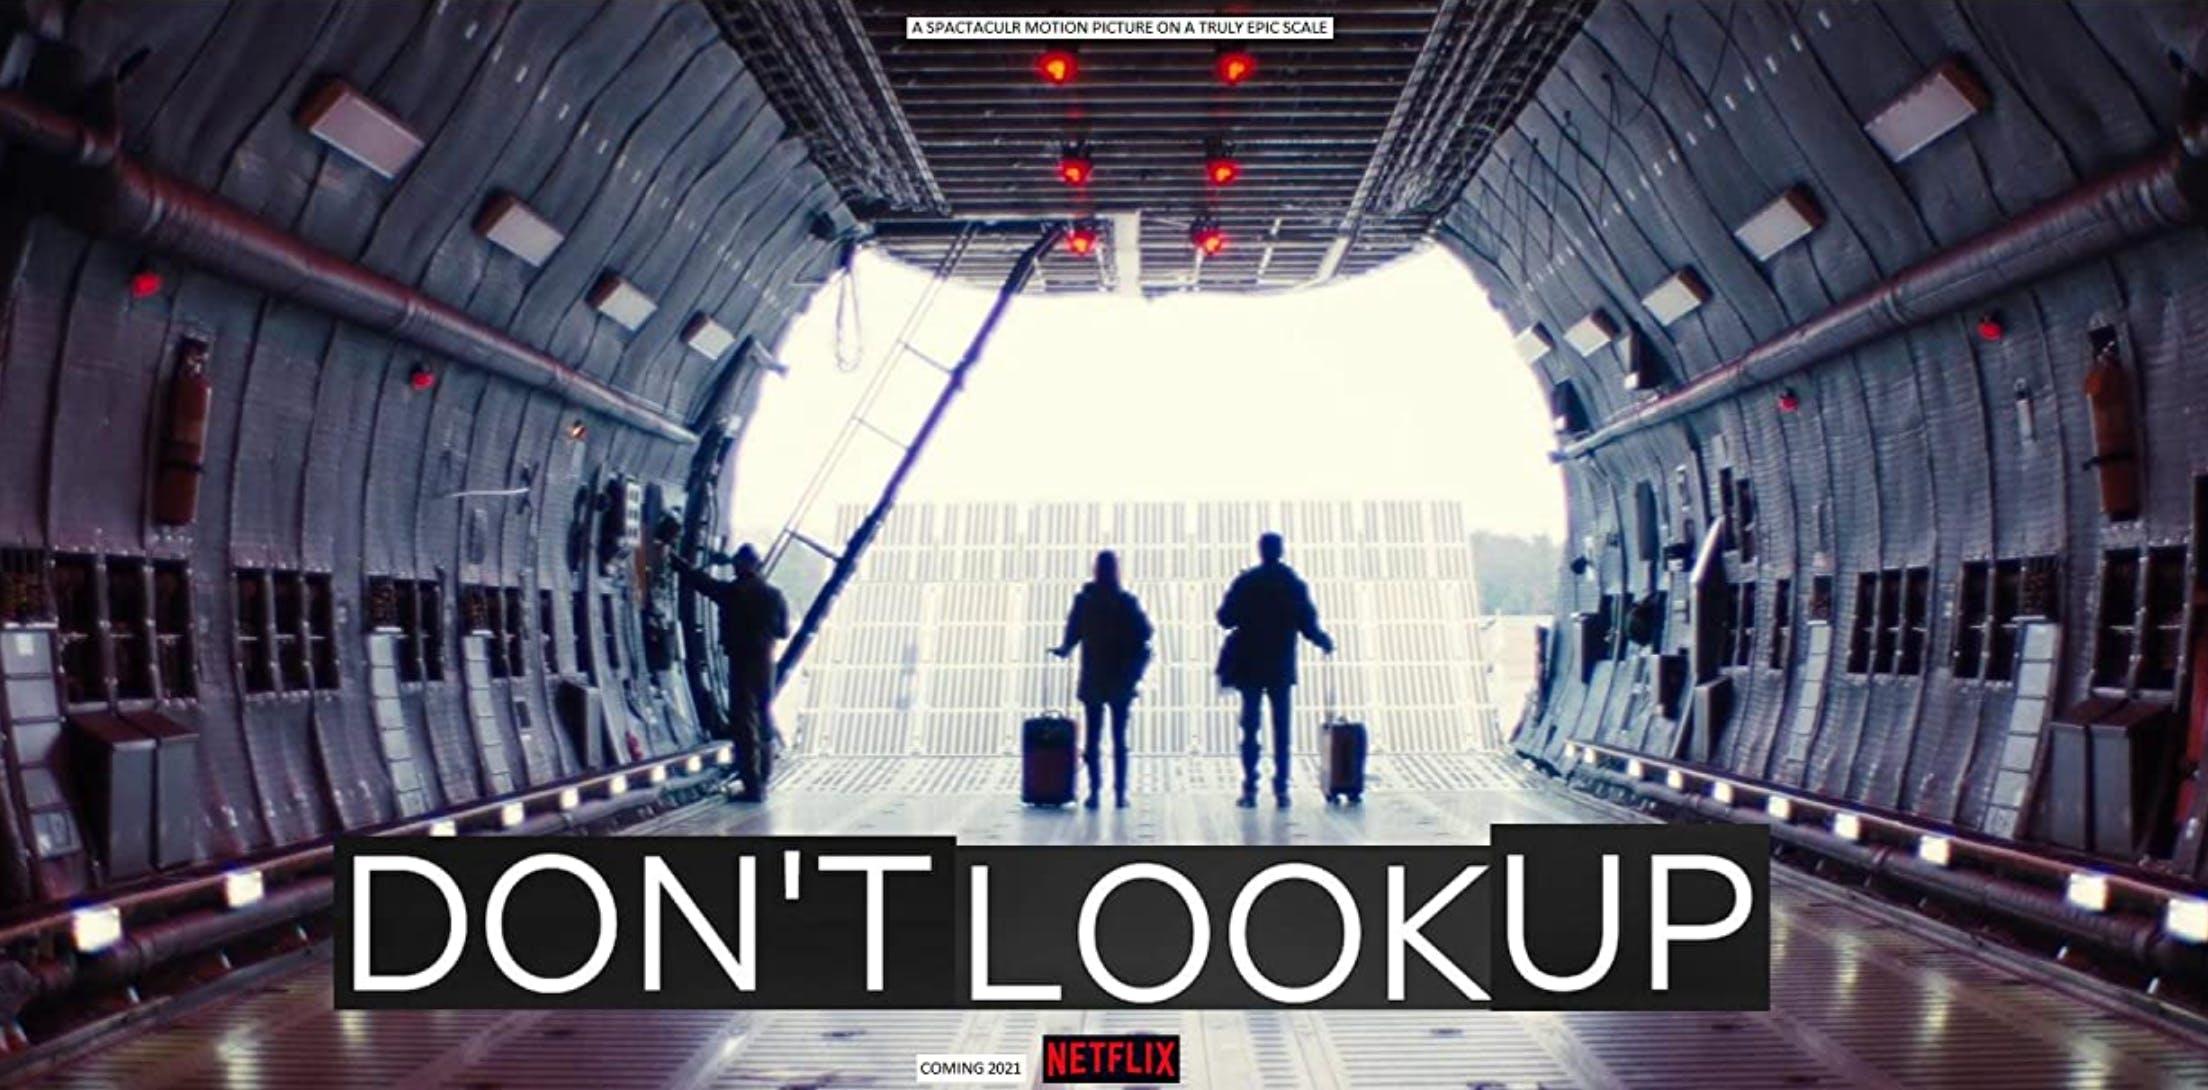 Der Film dreht sich um zwei Astronomen, die auf eine grosse Pressetour geschickt werden, um die Menschen vor einem gefährlichen Asteroiden zu warnen, der die Erde zerstören könnte.